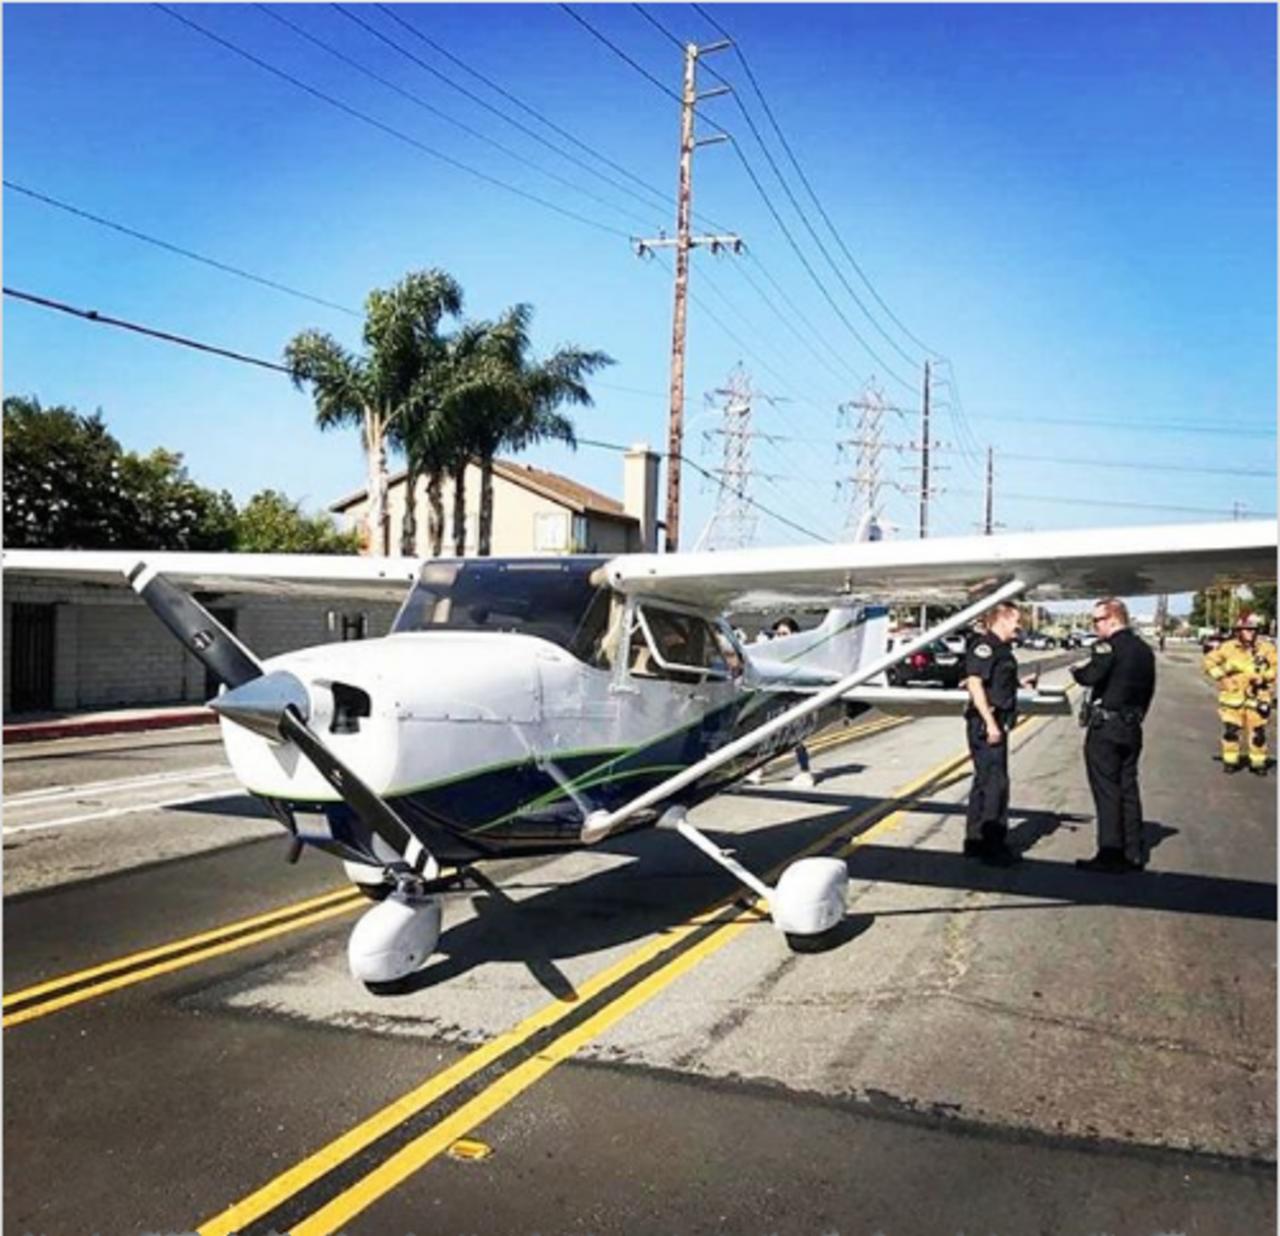 ВСША девушка-пилот посадила самолет напроезжую часть